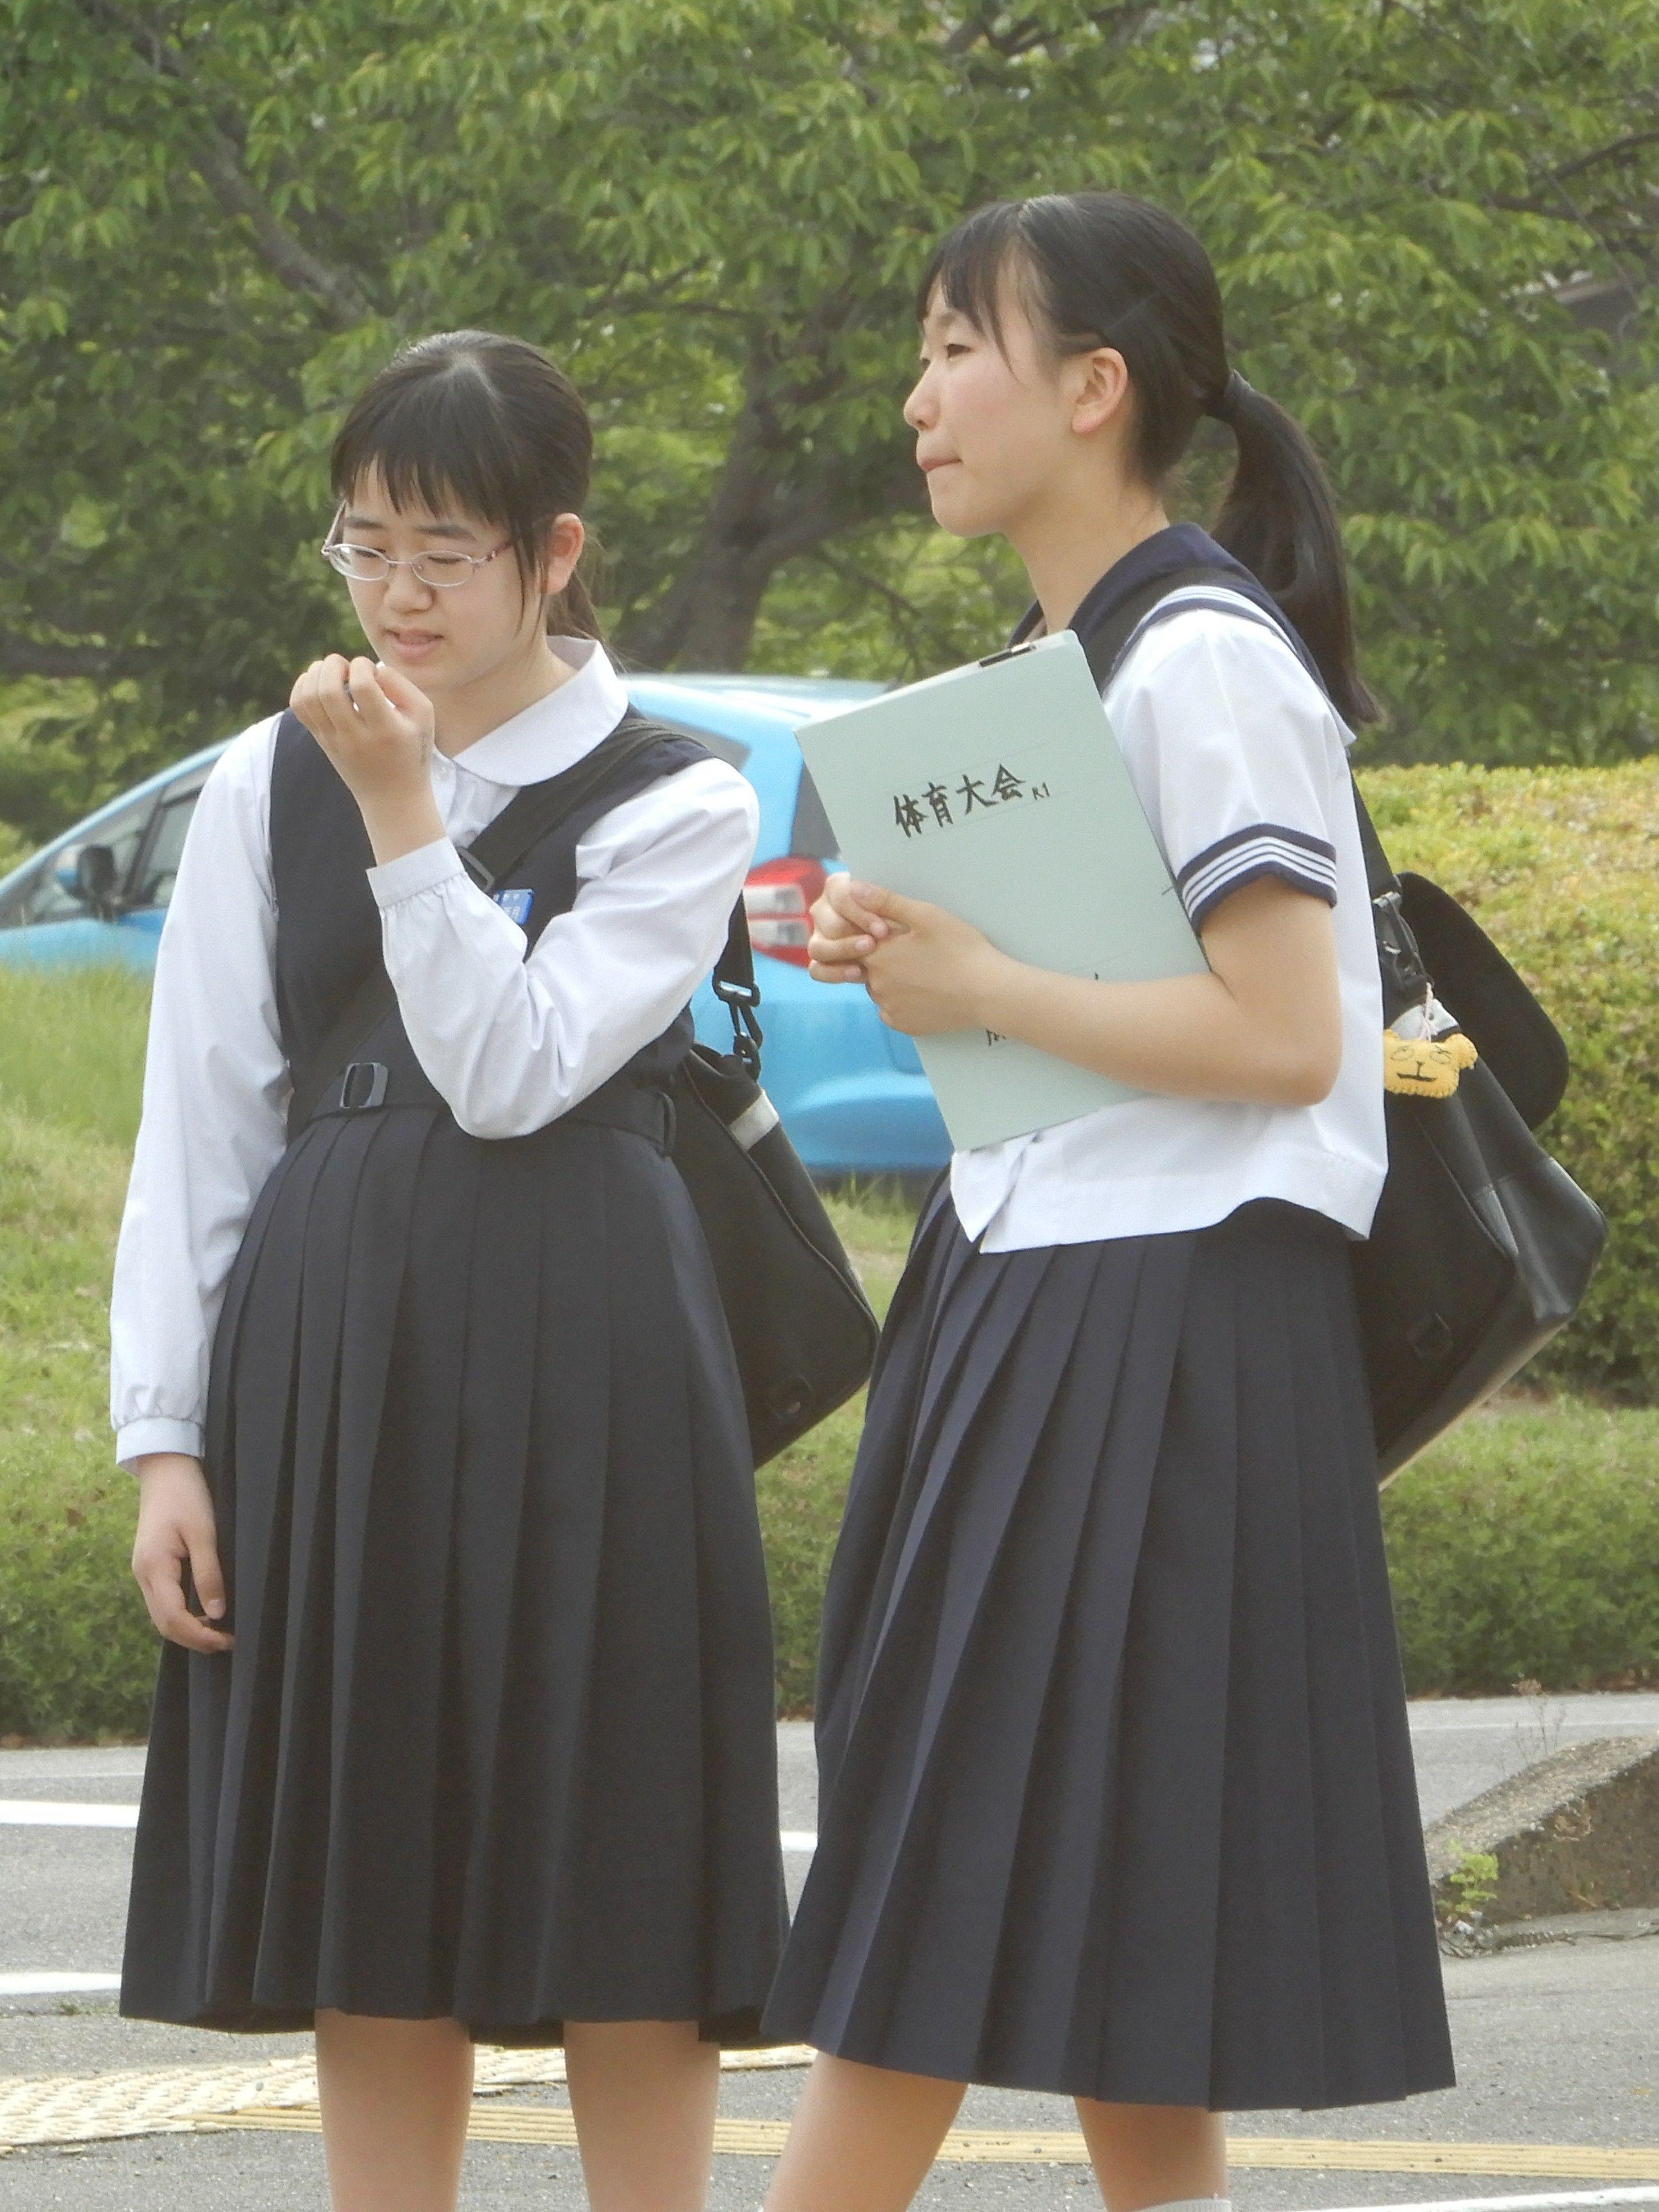 街撮り 女子 小学生 ボード「Japanese clothes」のピン